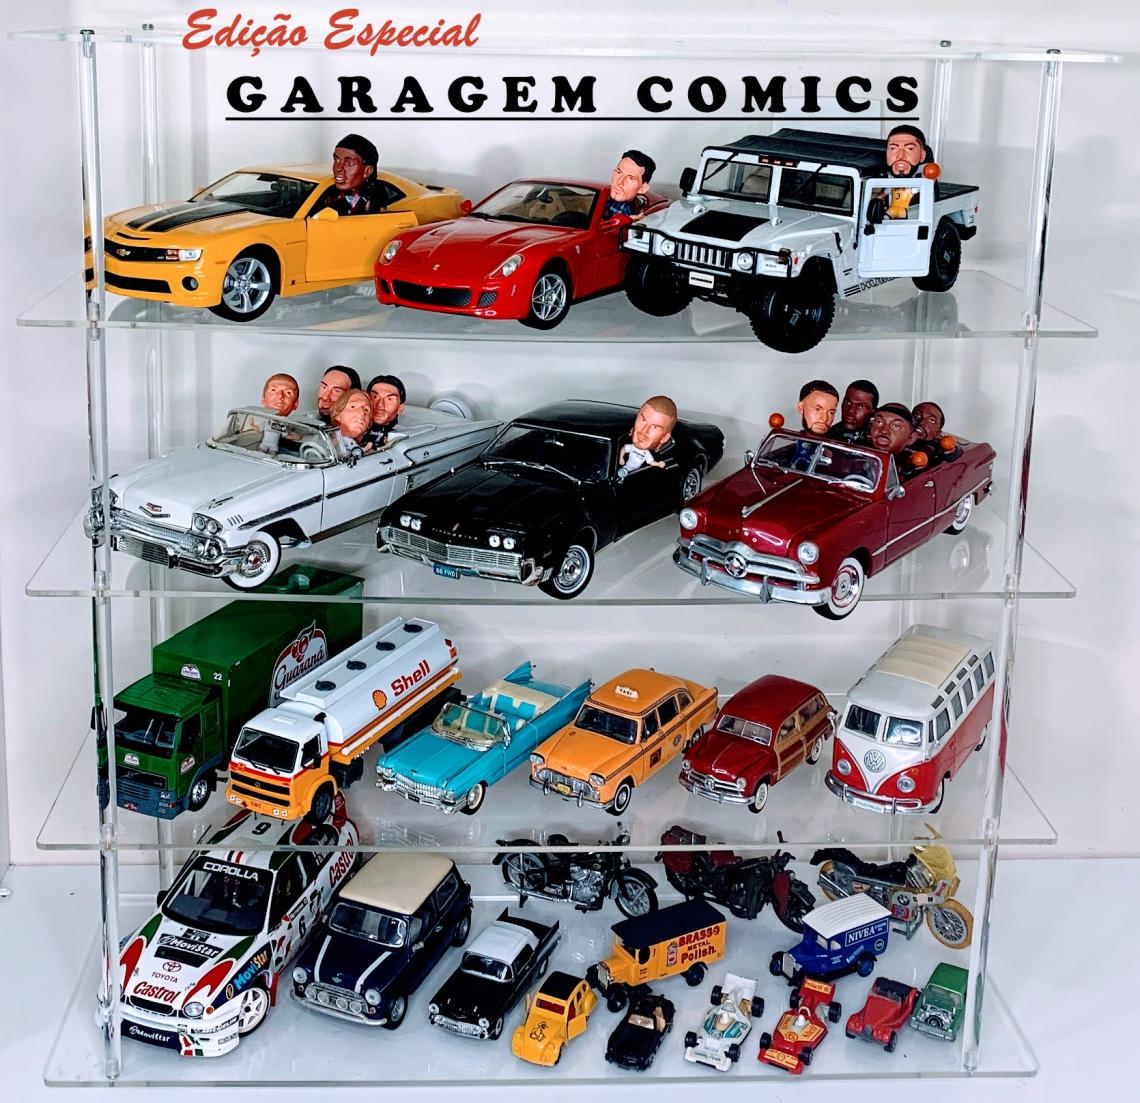 COMICS - IV Leilão de Colecionáveis - Edição Especial: GARAGEM COMICS, com mais de 400 carrinhos!